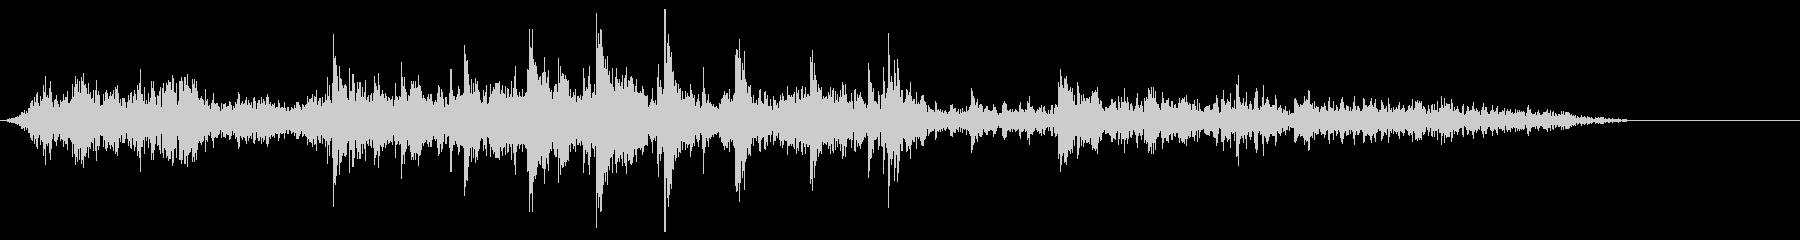 [生音]ビー玉が転がる02(ロング)の未再生の波形